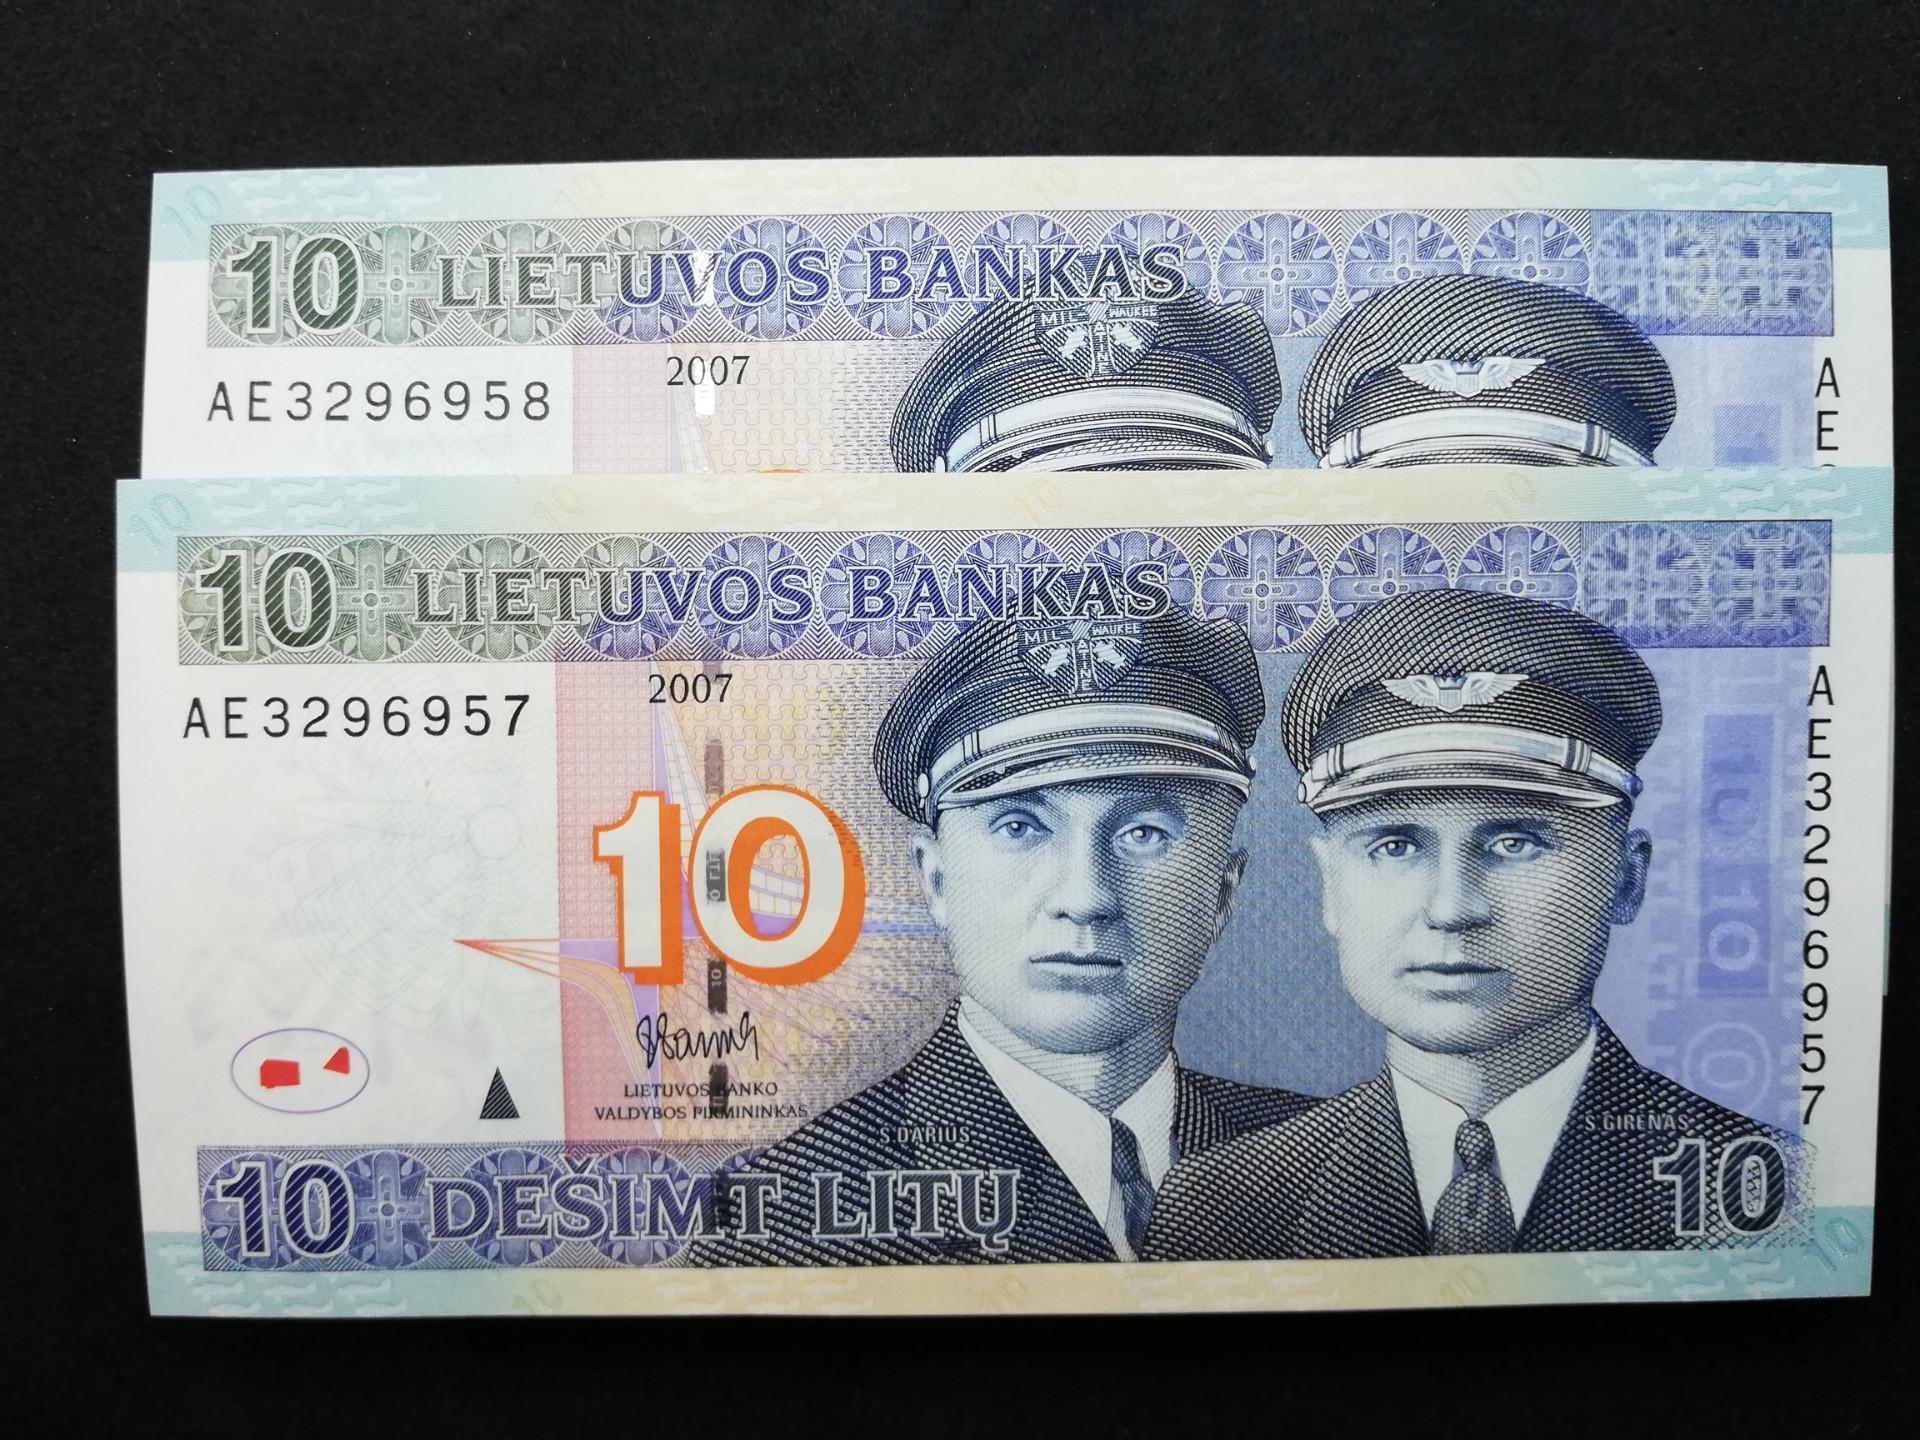 10 Litų Darius ir Girėnas UNC banknotas x2 (nr. vienas po kito)